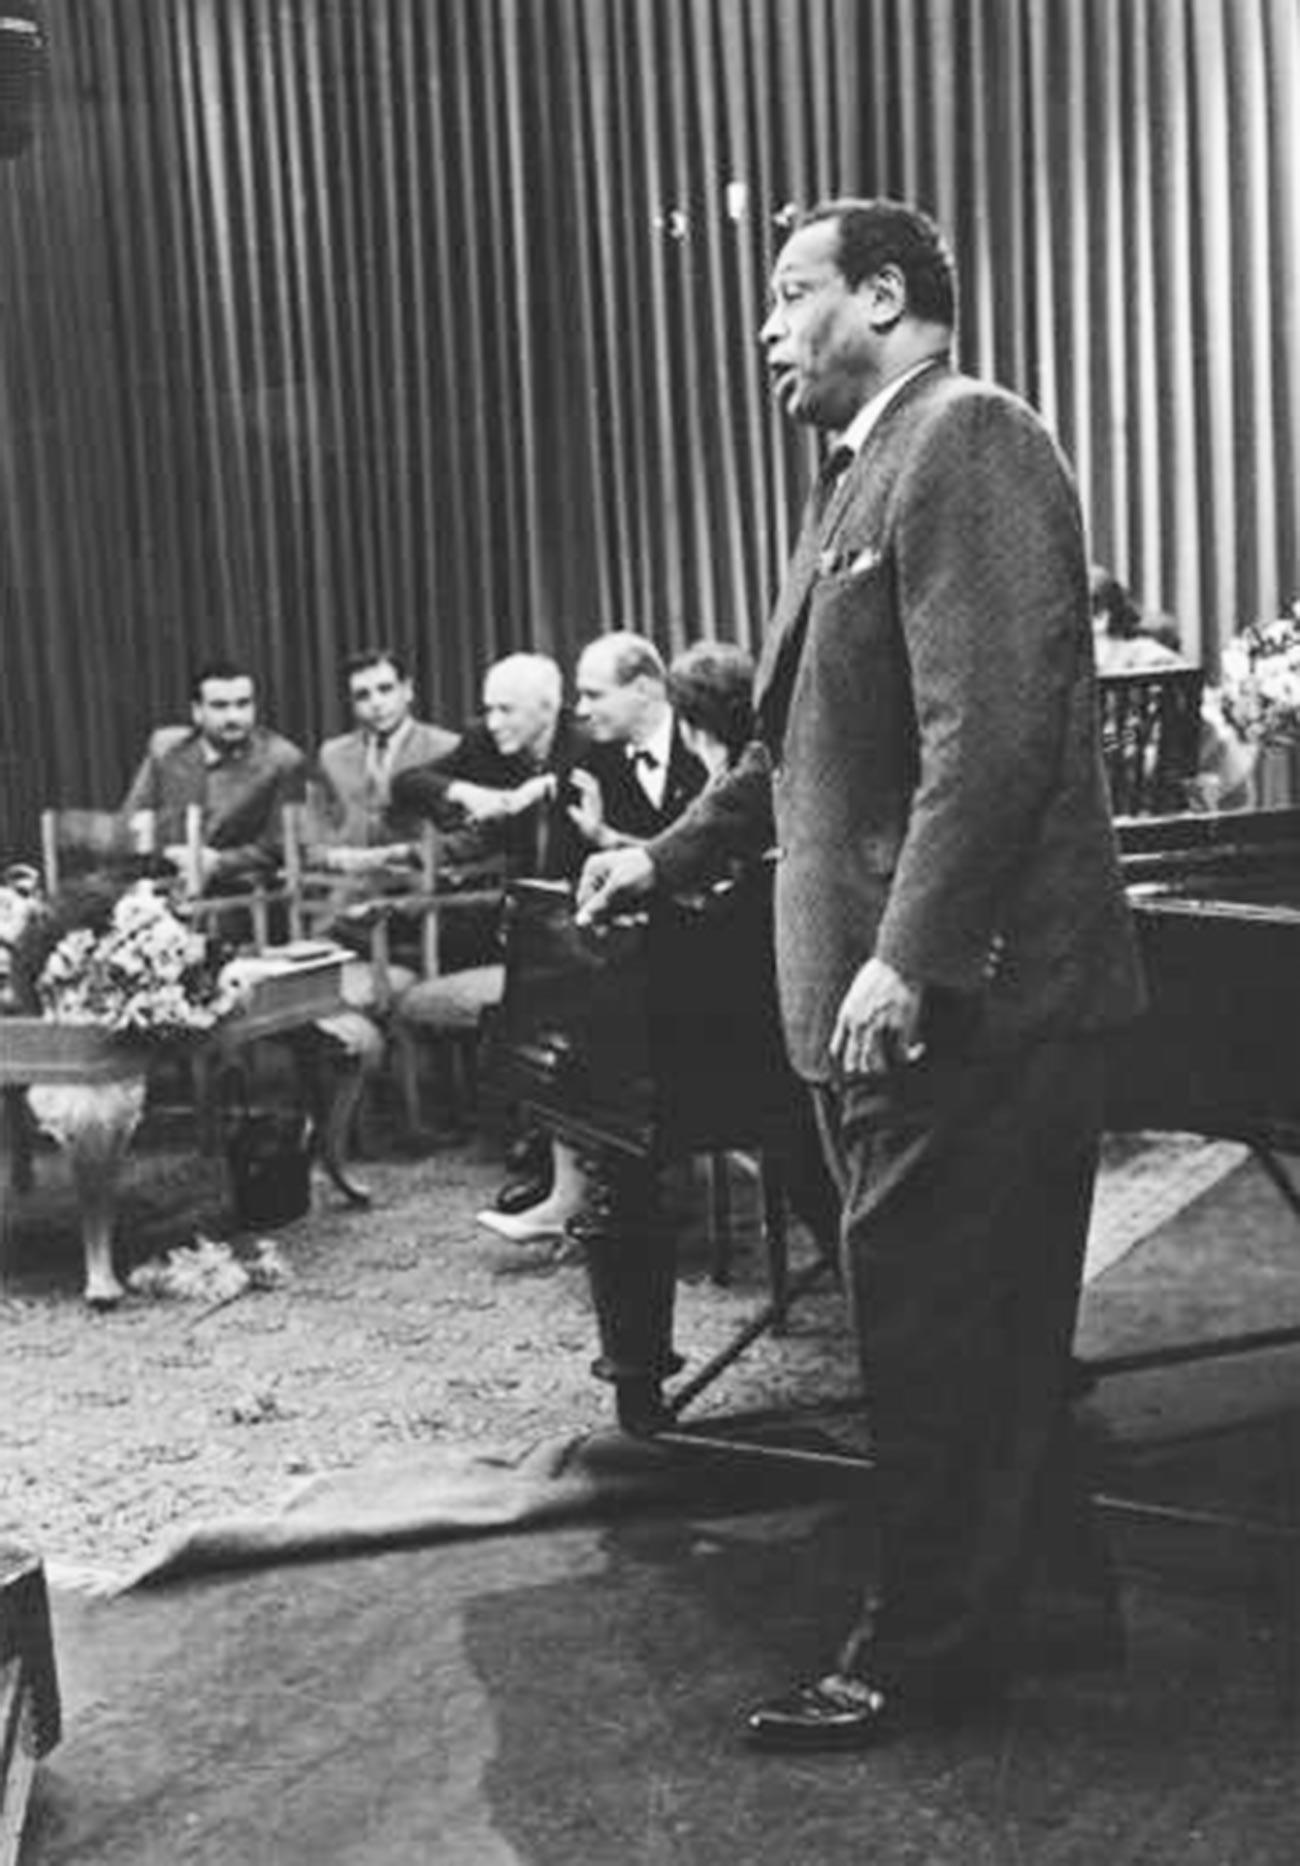 Koncert Paula Robesona v Moskvi, 1958